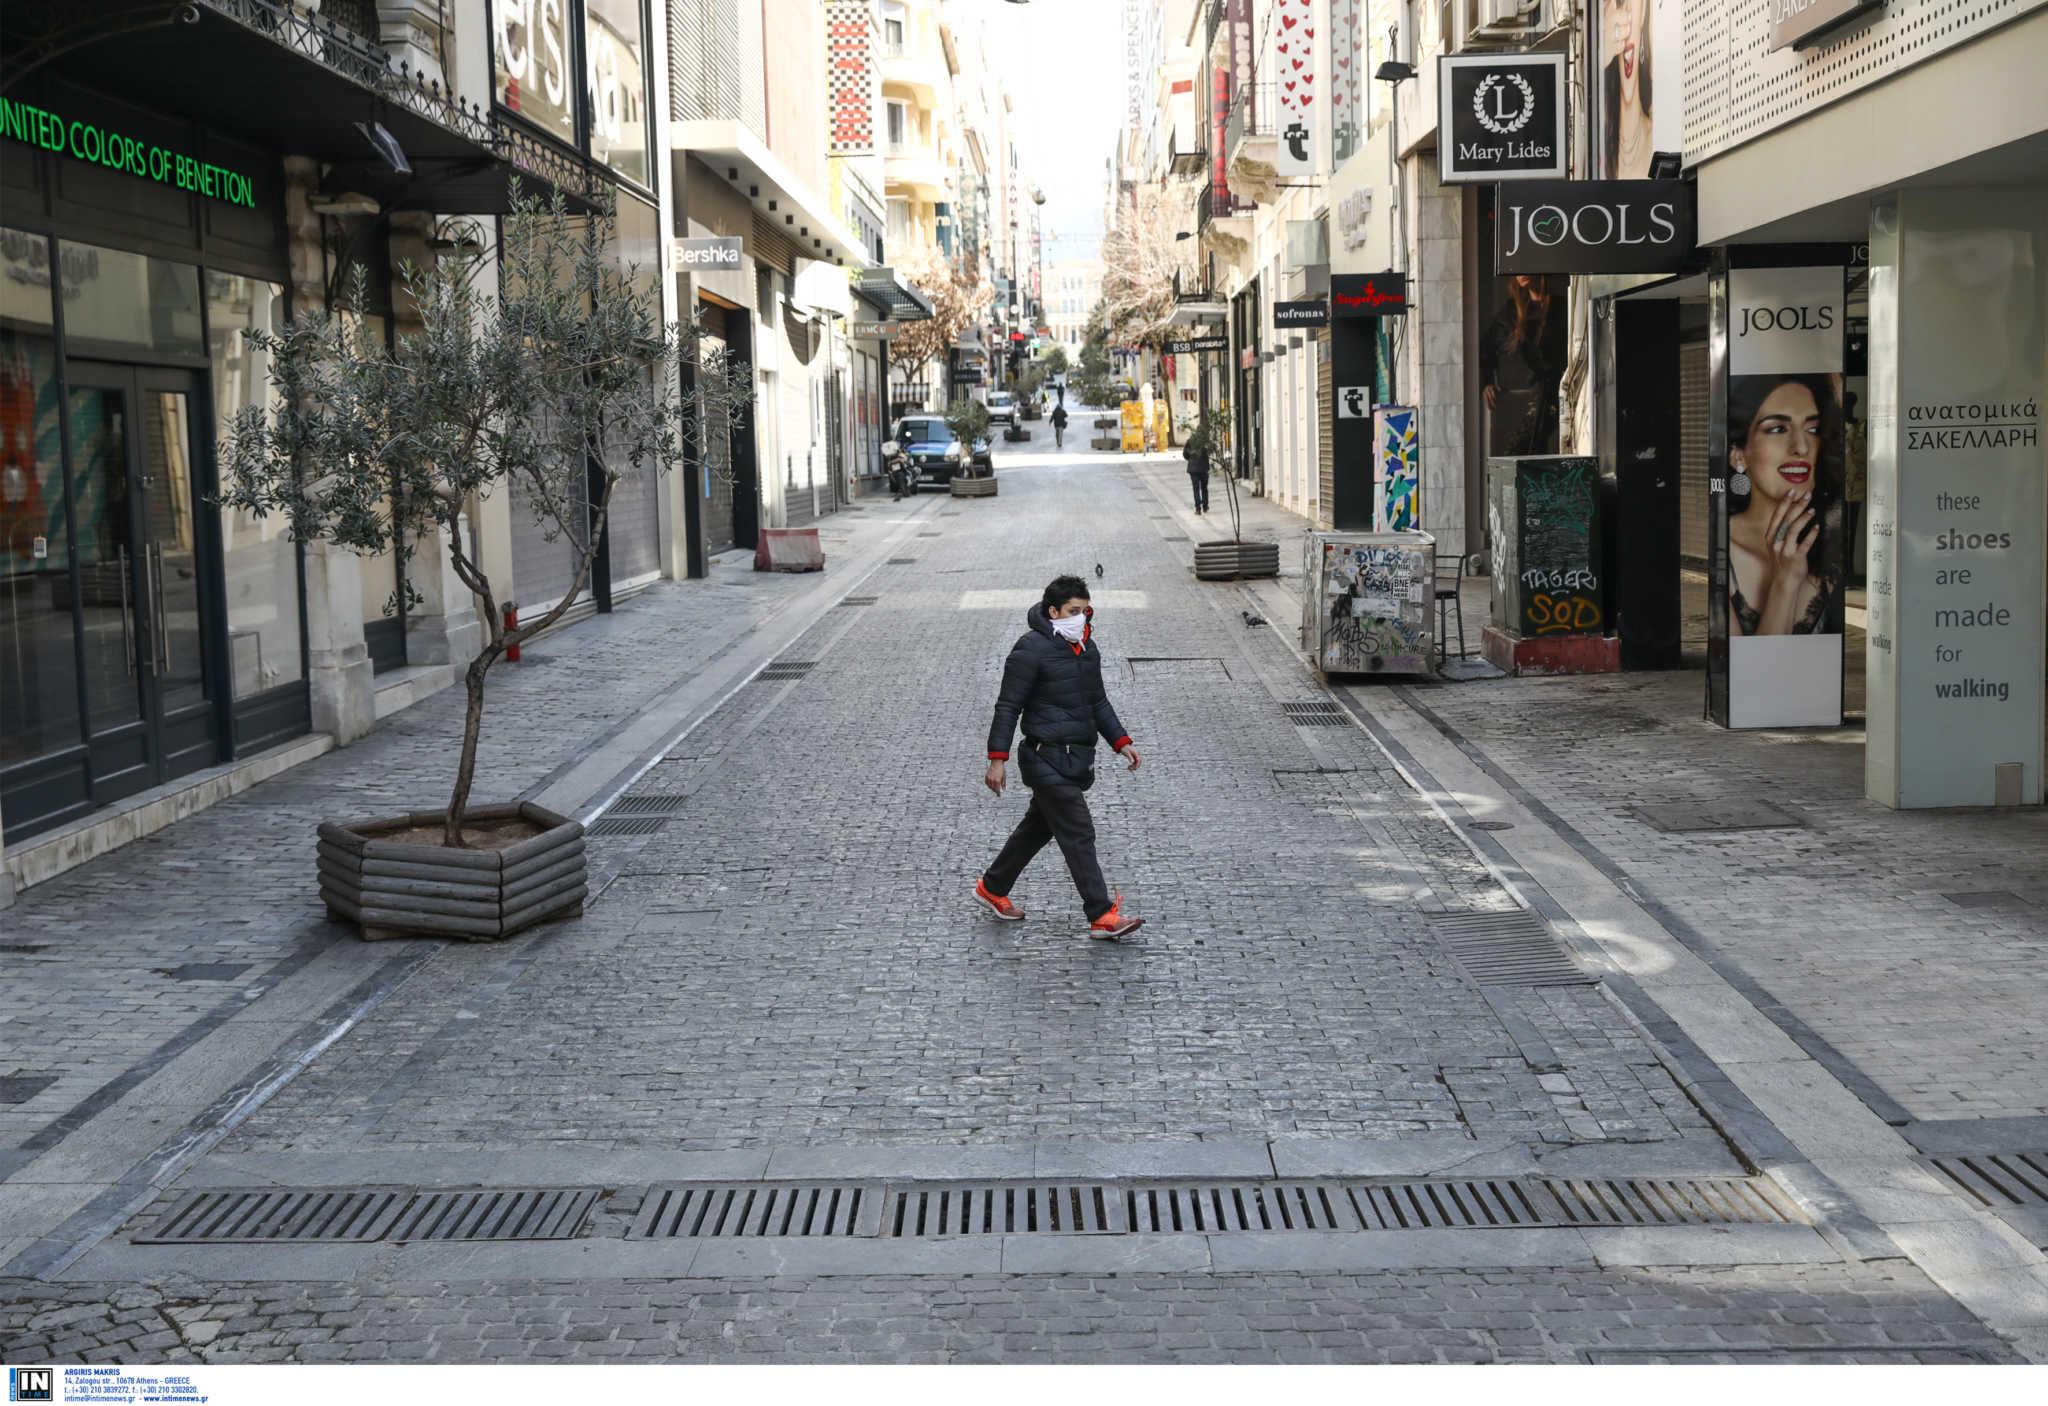 """Ο κορονοϊός """"σκοτώνει"""" τις ελληνικές επιχειρήσεις: Σχεδόν 9 στις 10 καταρρέουν λέει ο Βρούτσης"""